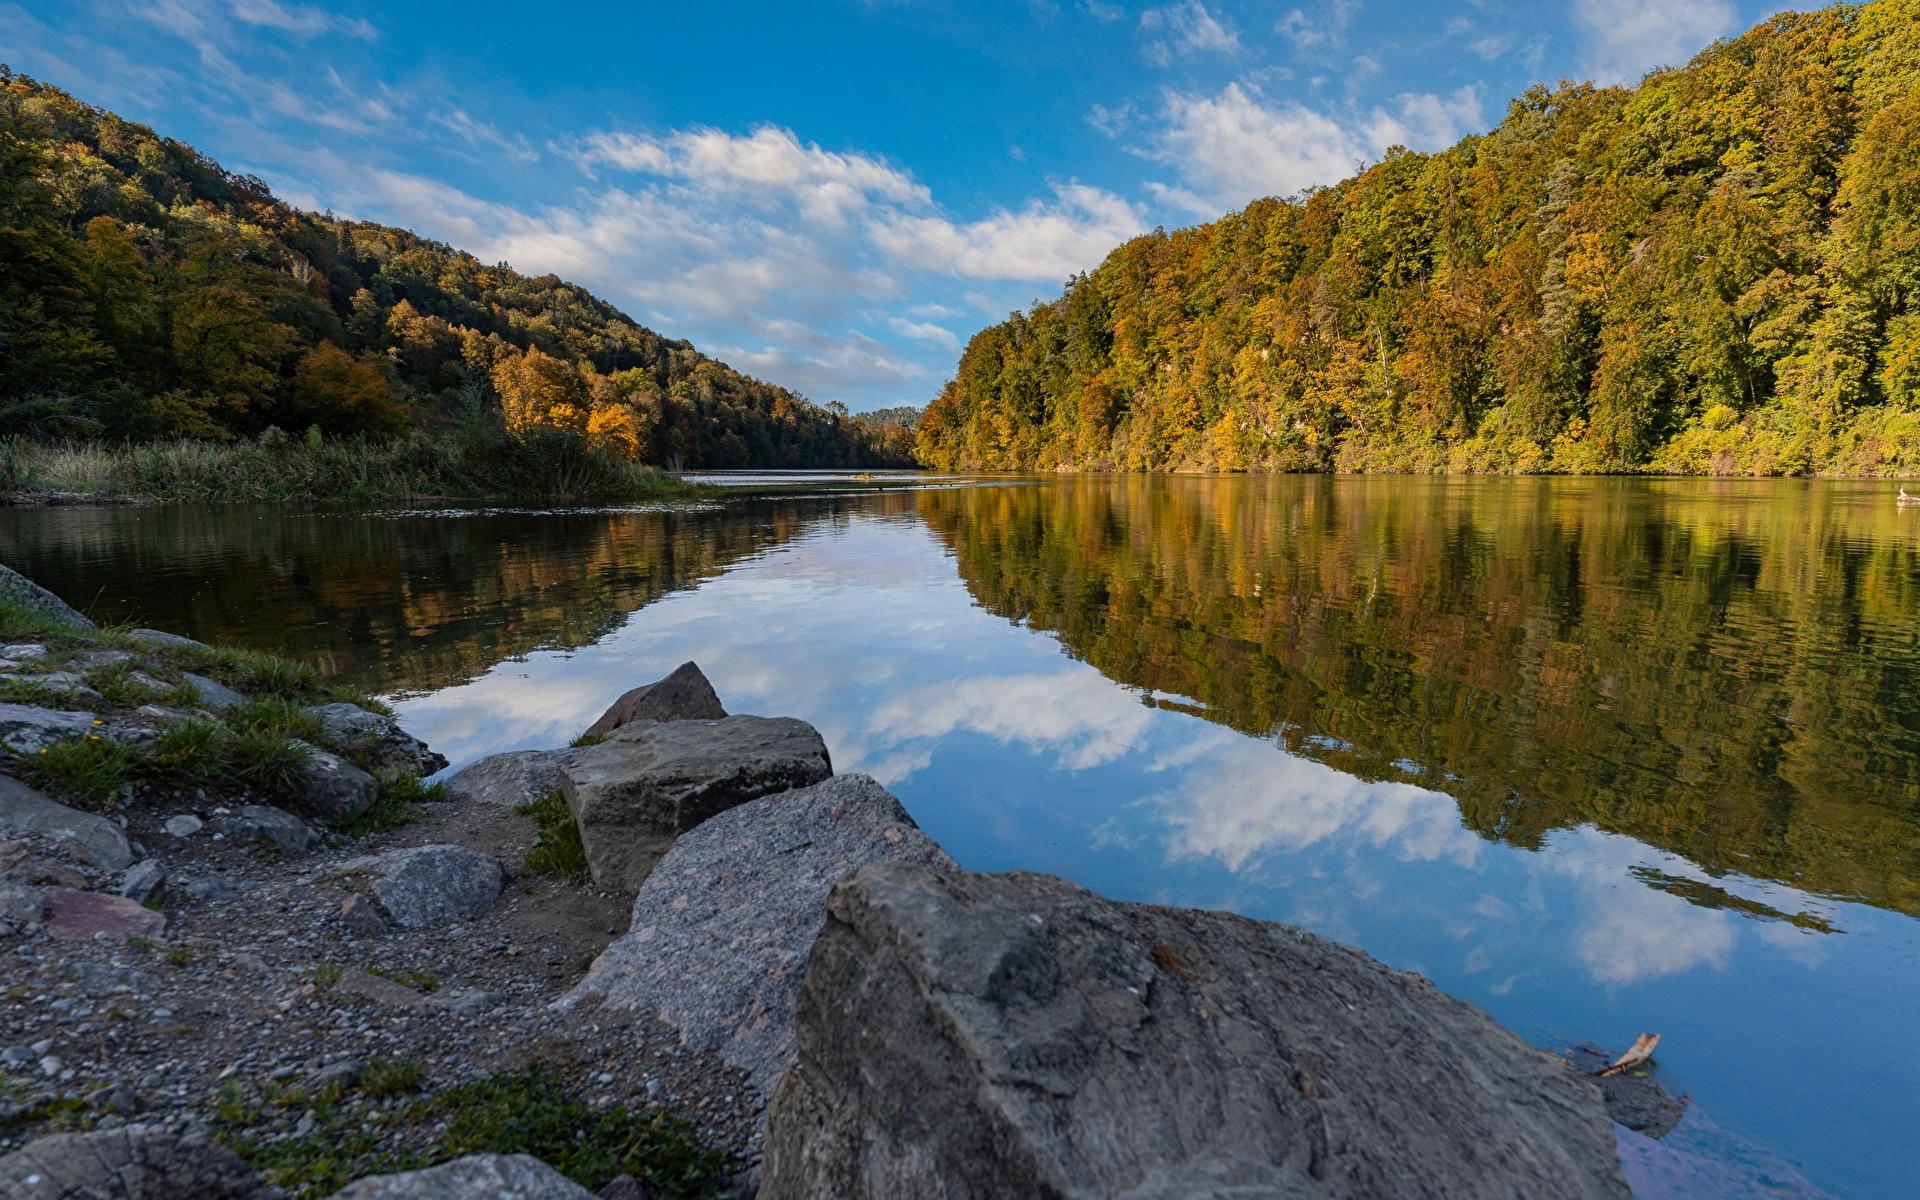 Обои для рабочего стола Швейцария Rhine осенние Природа лес Реки Камень 1920x1200 Осень Леса река речка Камни